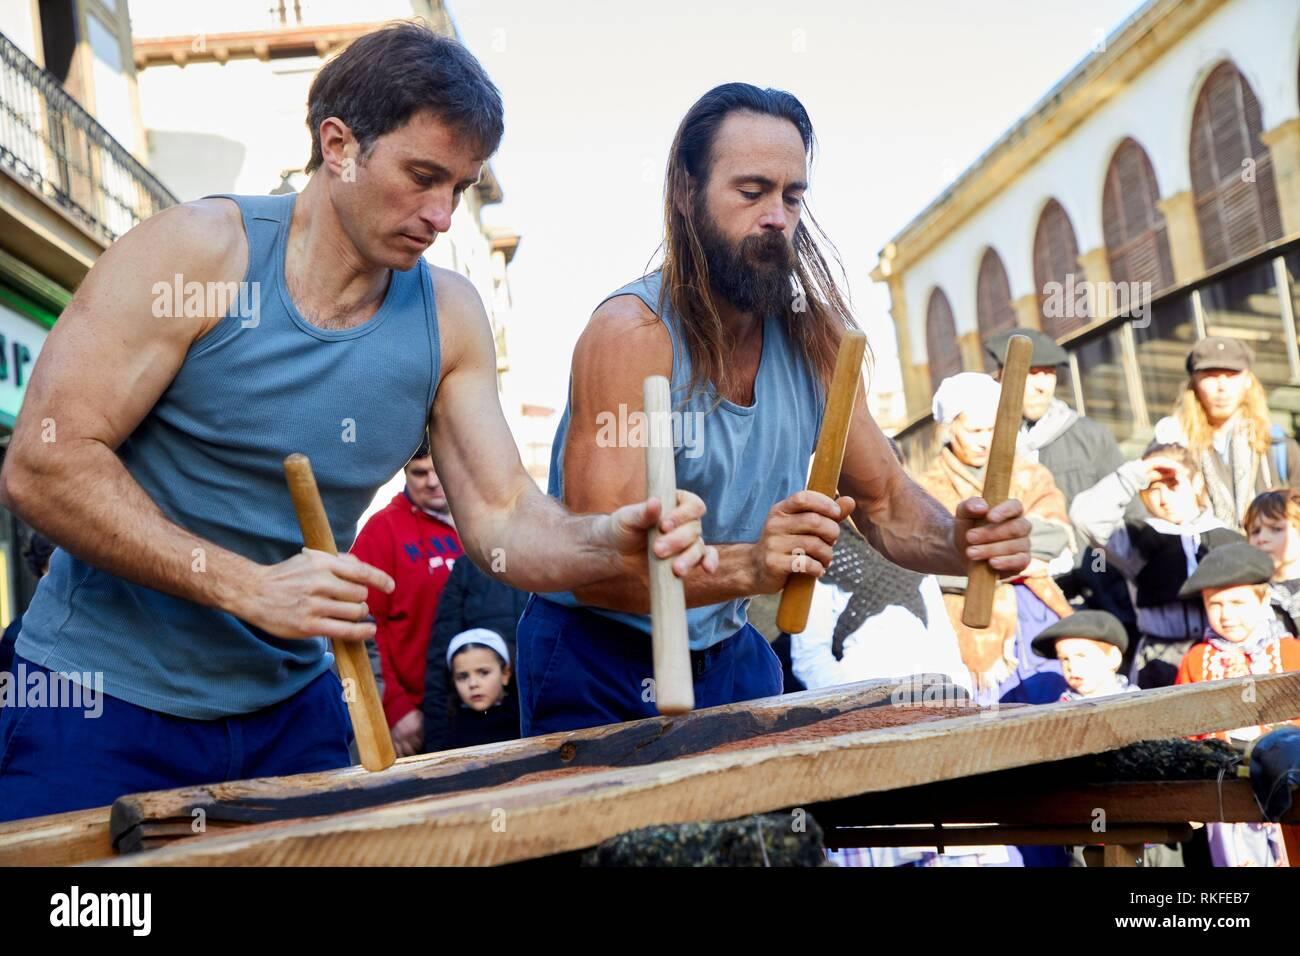 Txalaparta (Paesi Baschi in legno tipico strumento a percussione), Feria de Santo Tomás, la festa di San Tommaso si svolge il 21 dicembre. Durante questo giorno Immagini Stock